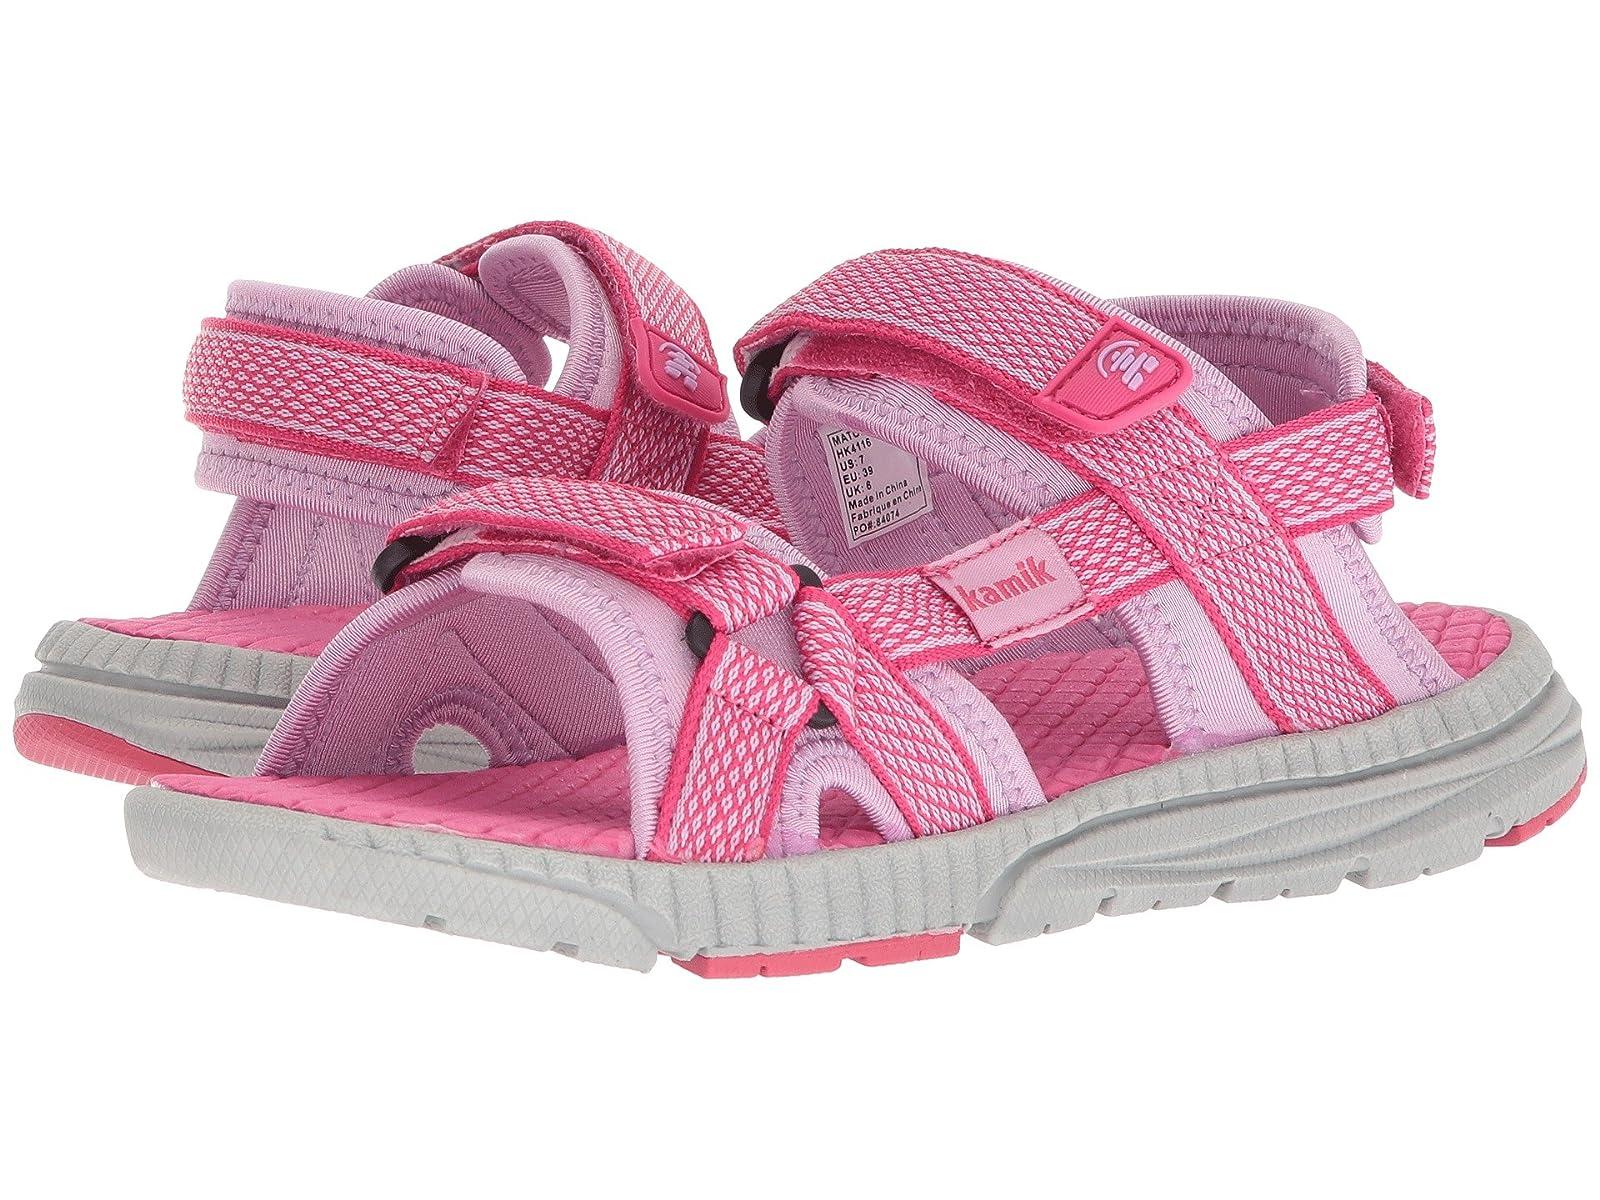 Kamik Kids Match (Toddler/Little Kid/Big Kid)Atmospheric grades have affordable shoes